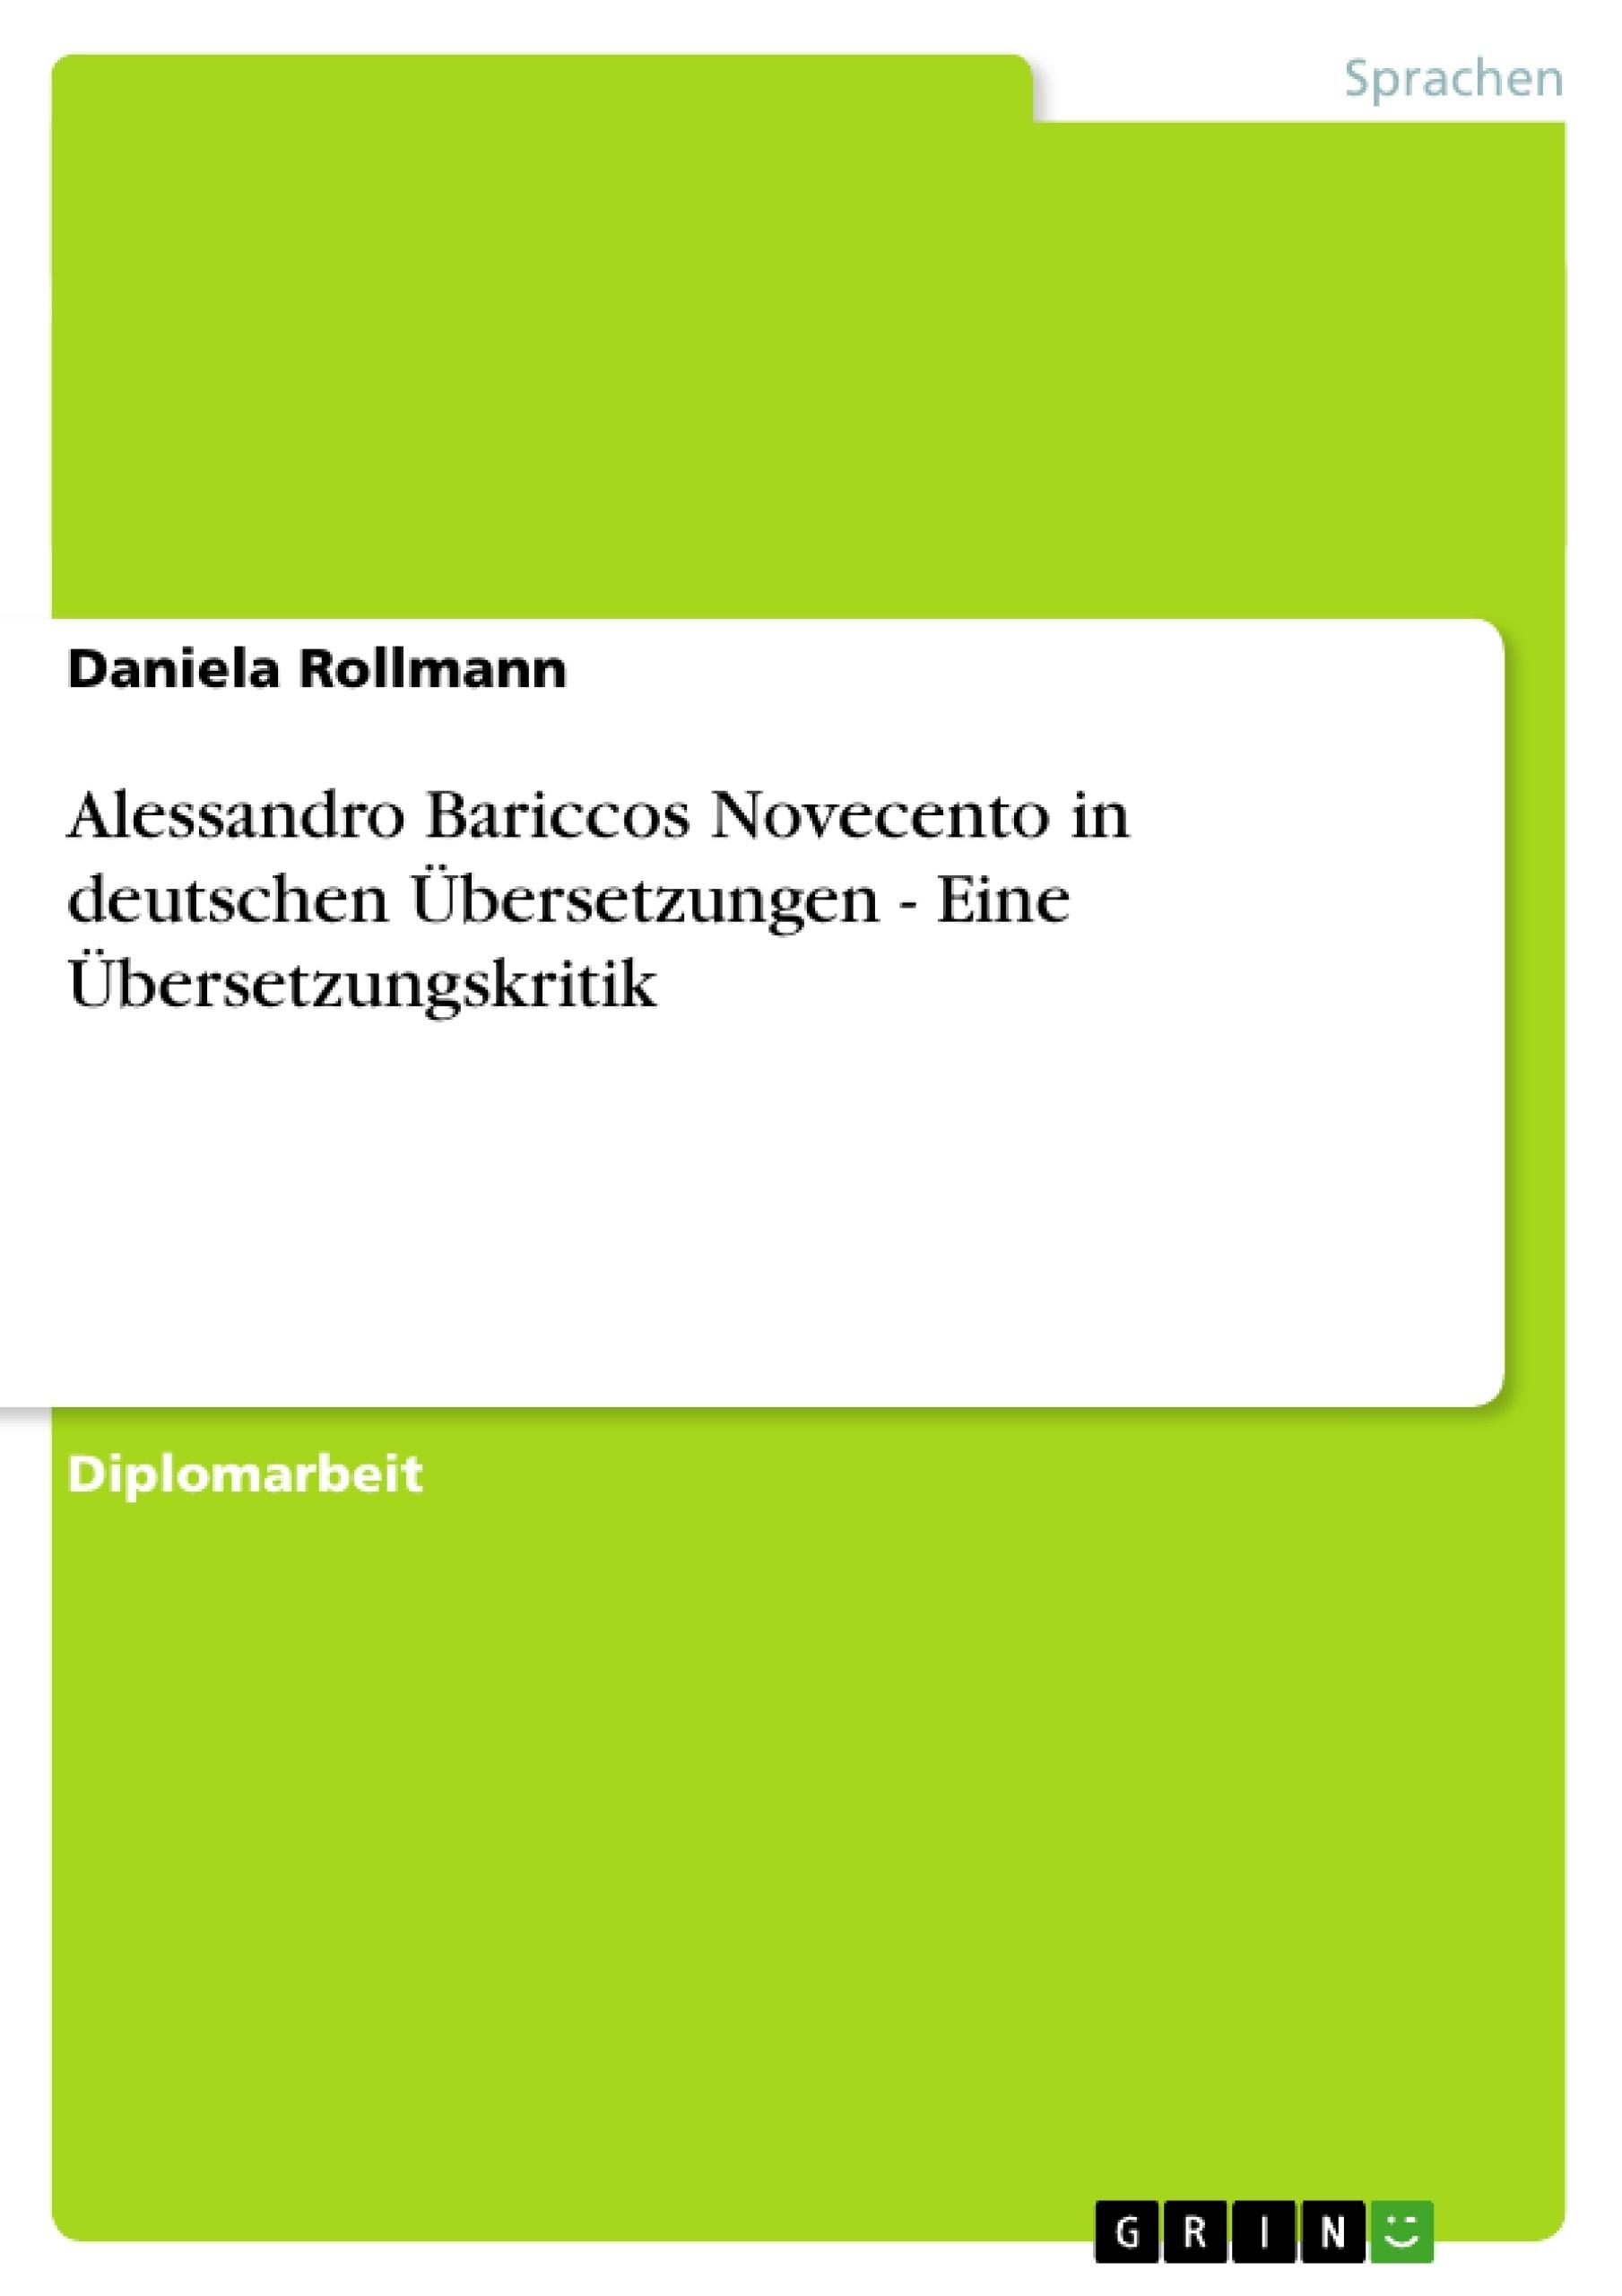 Titel: Alessandro Bariccos Novecento in deutschen Übersetzungen - Eine Übersetzungskritik